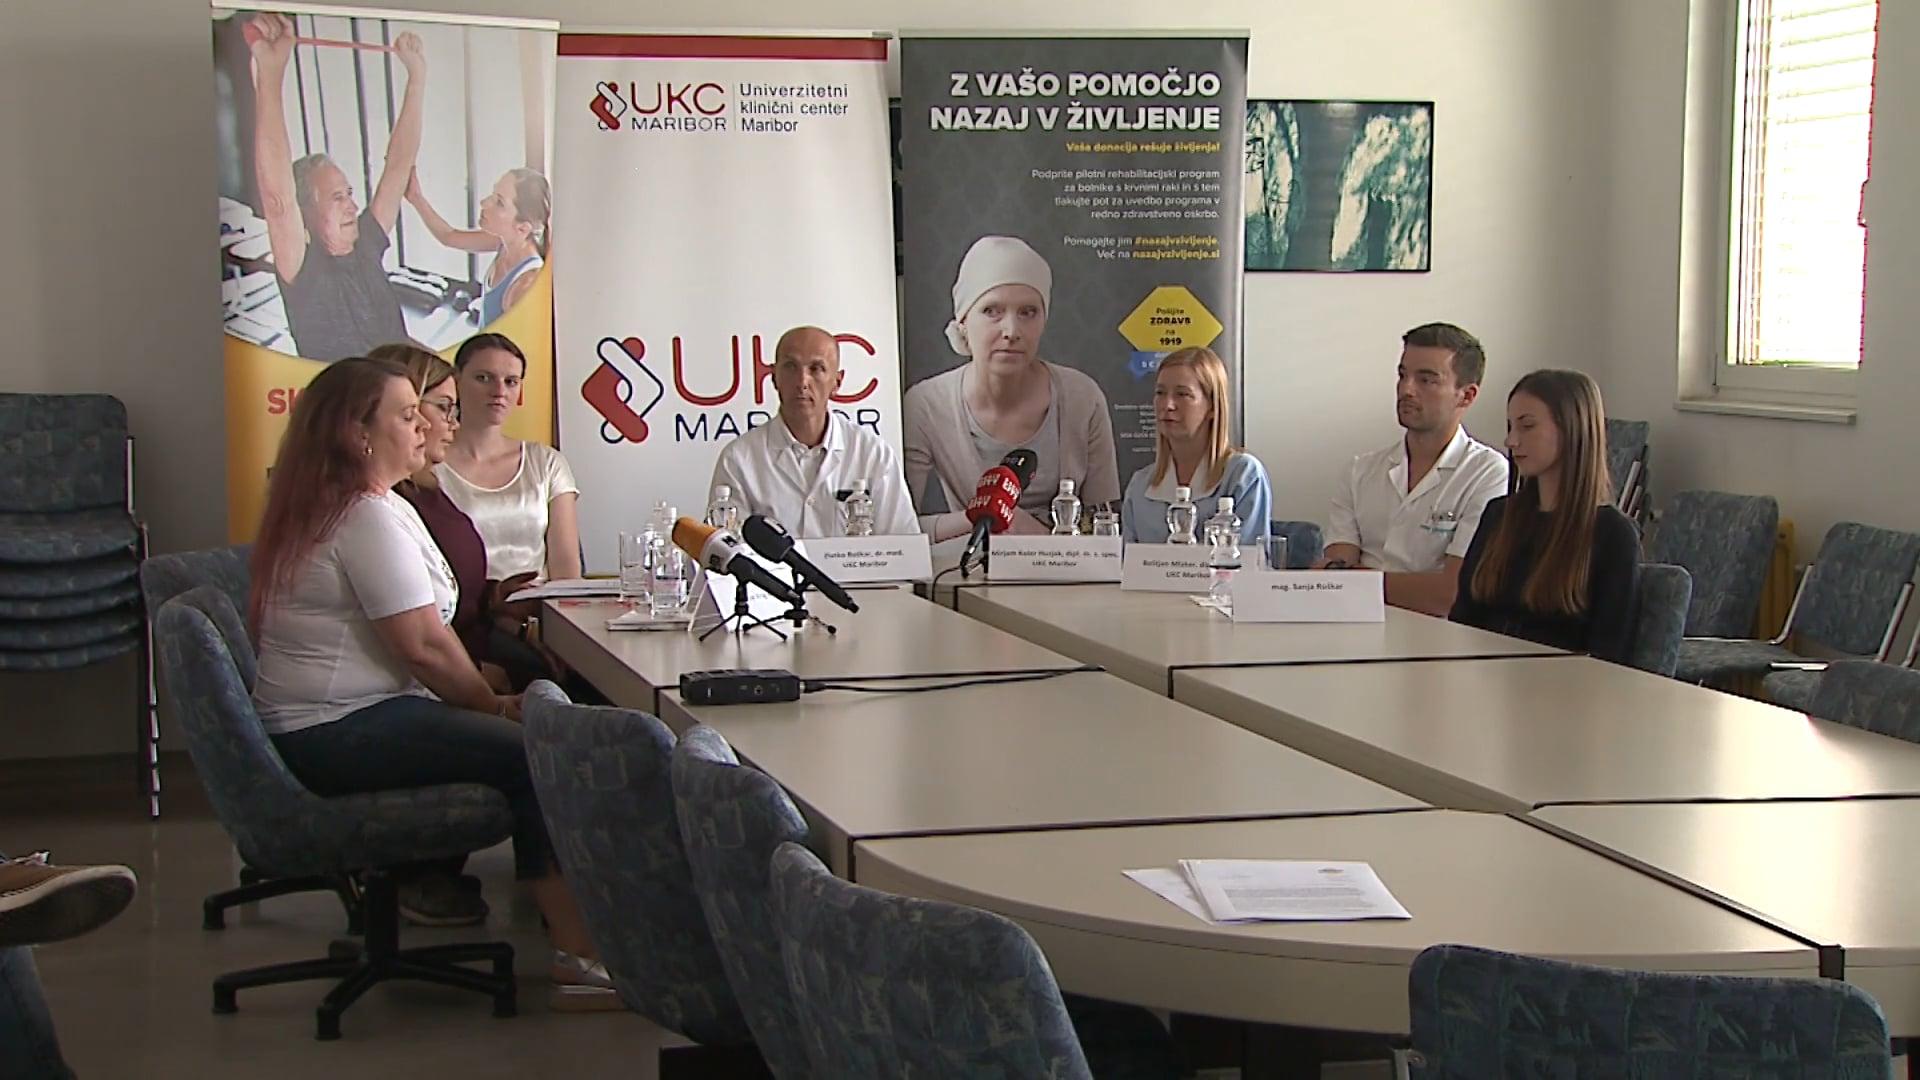 Rehabilitacija bolnikov s krvnimi raki tudi v Mariboru